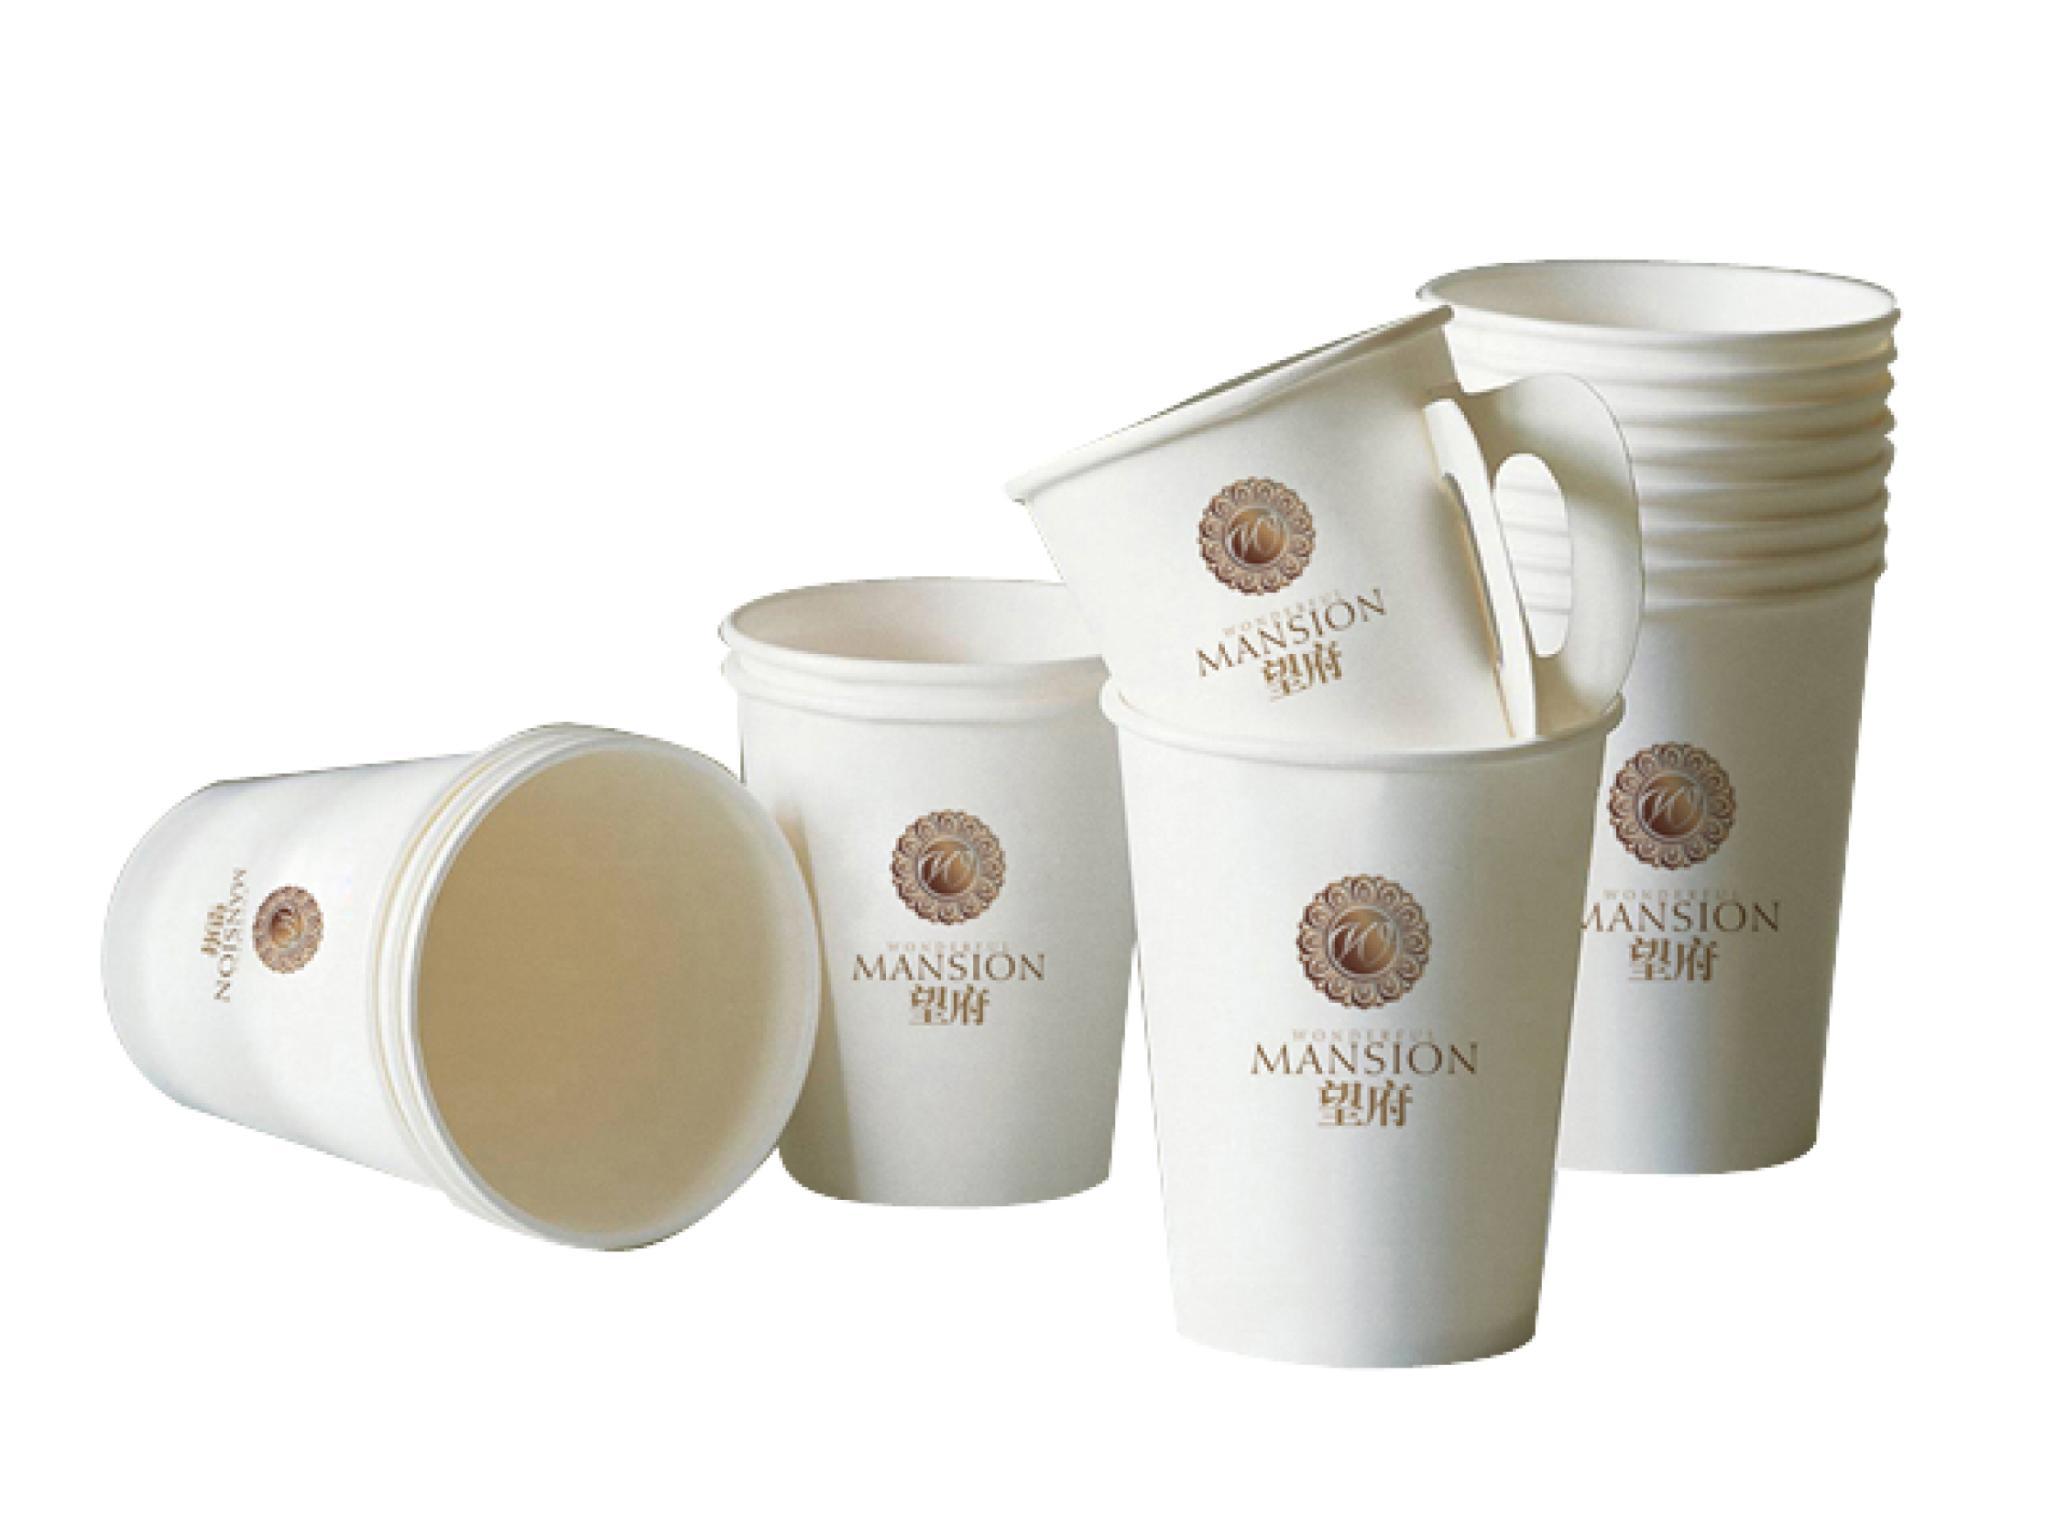 塑制-纸制,奶茶杯,咖啡杯系列_企业相册-厦门都可食品图片